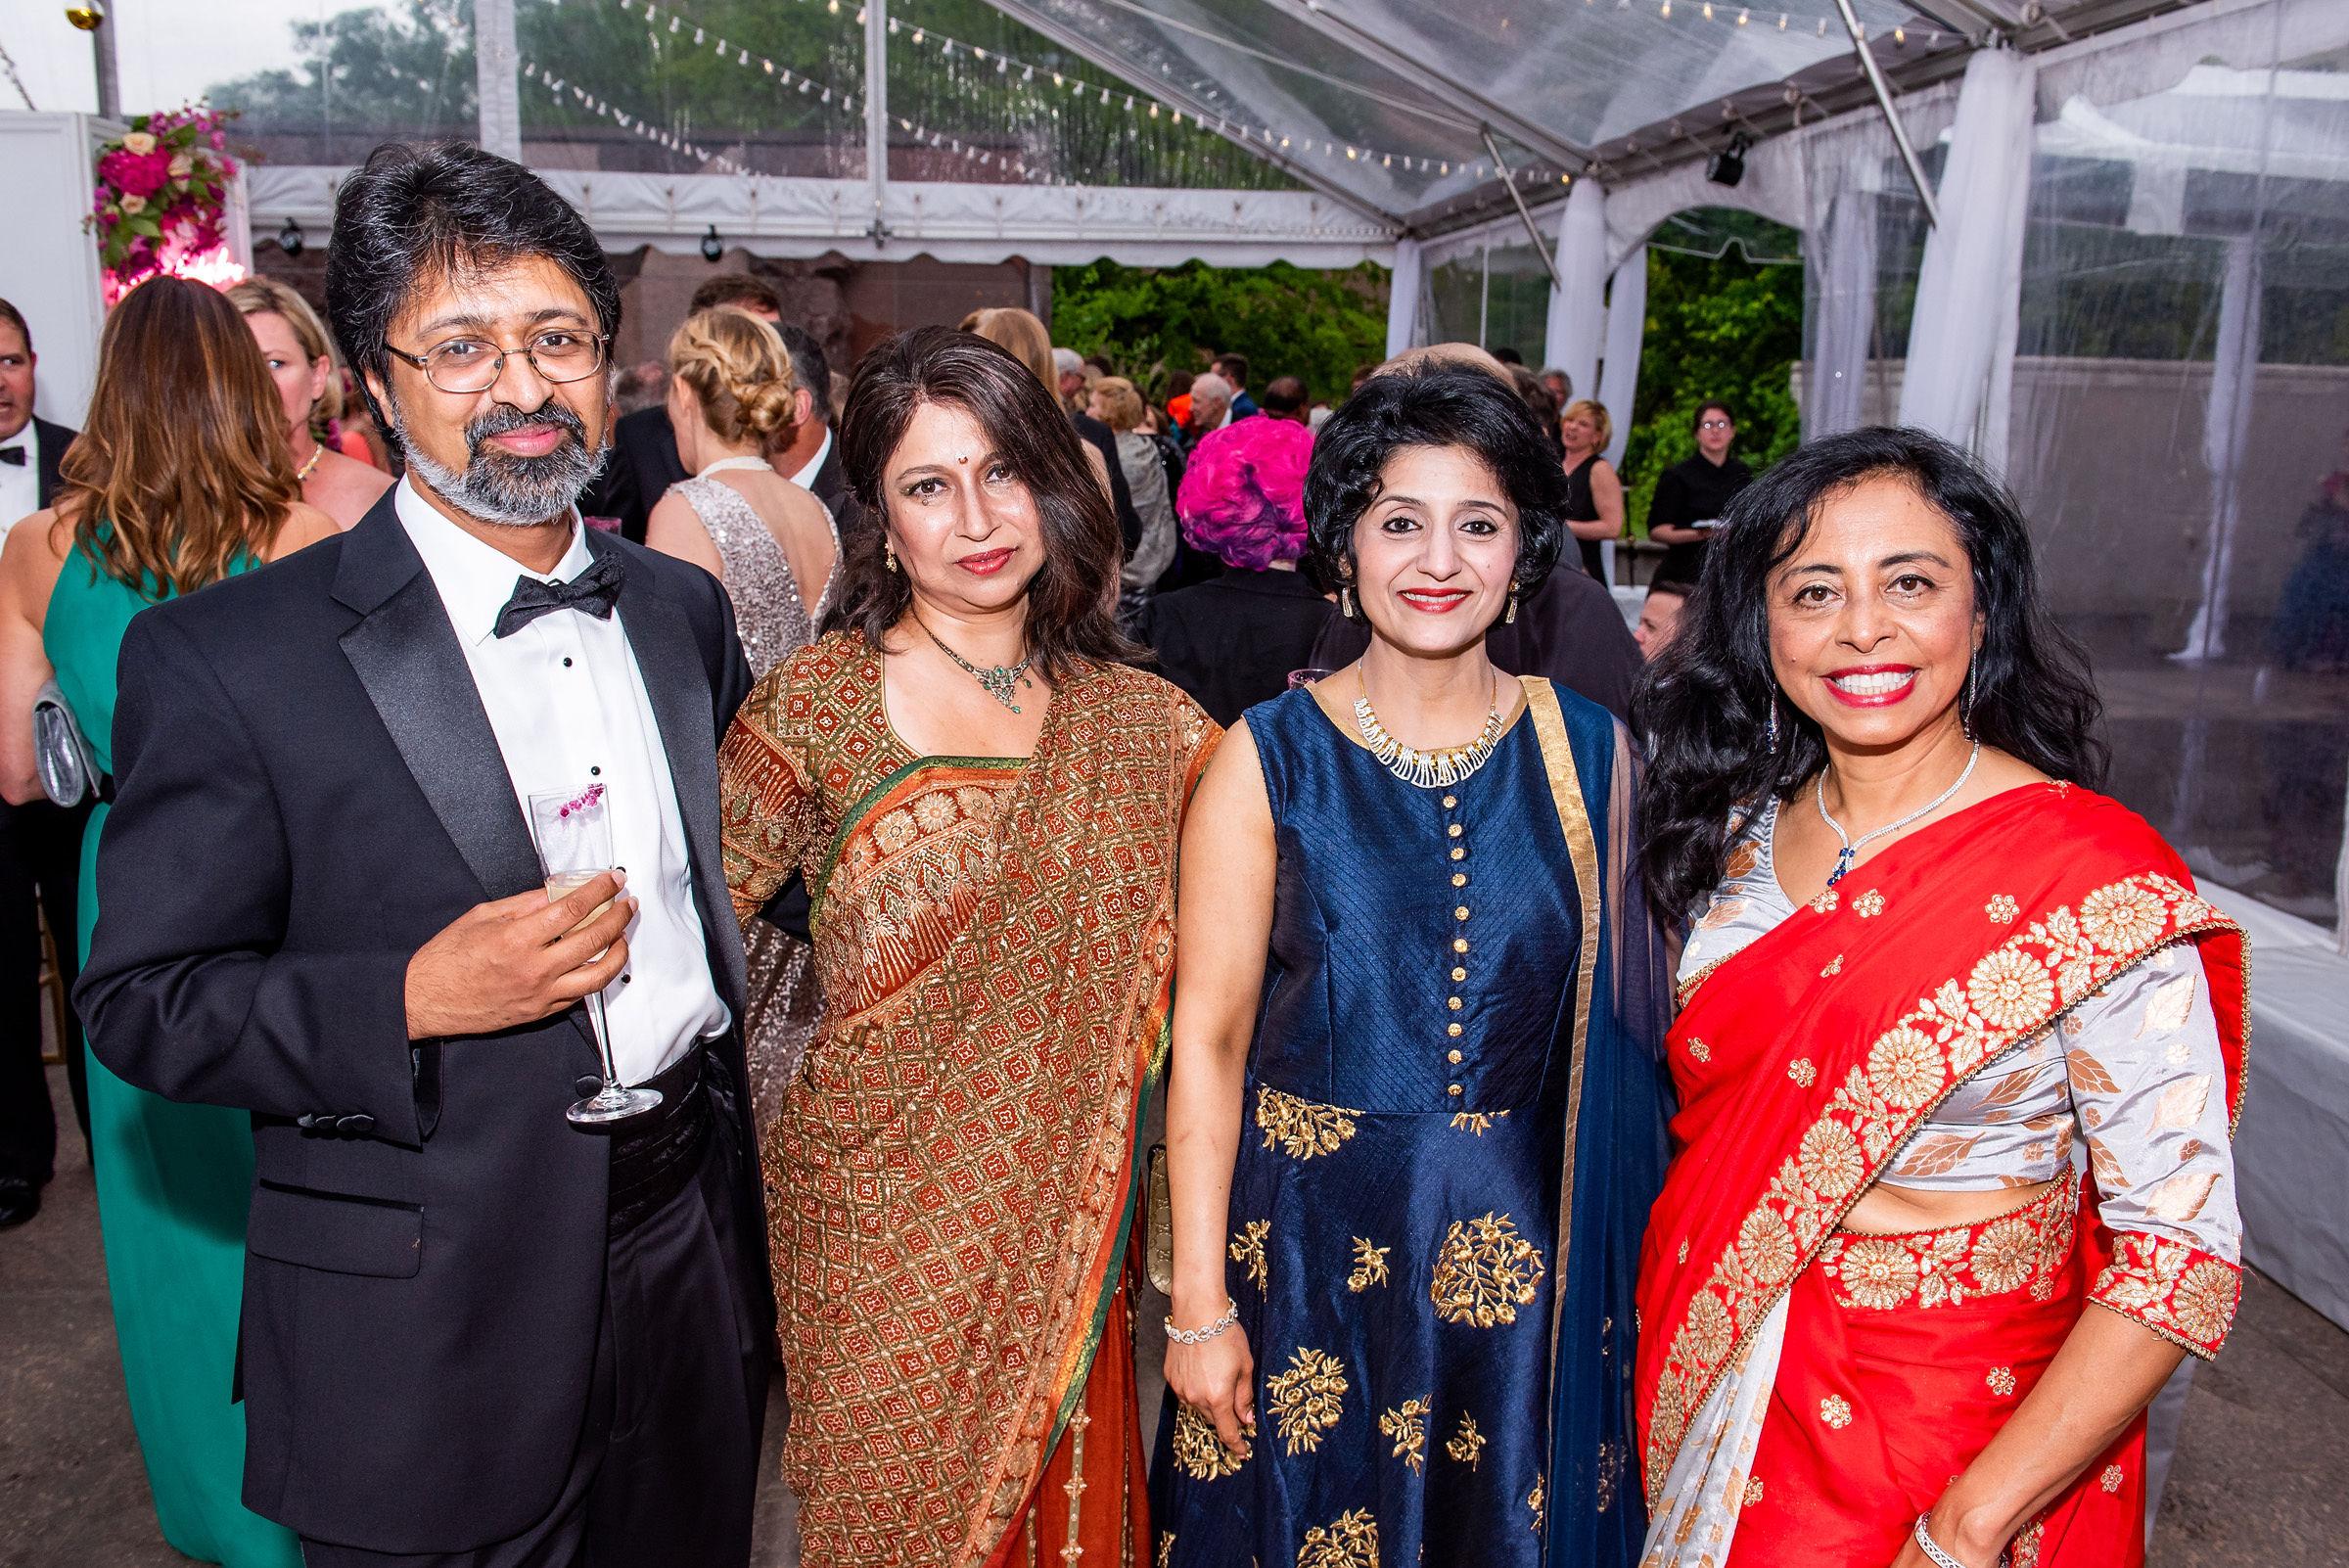 Sanjeev Chaudhuri, Pia Sen, Ambika Ashraf, Dora Singh